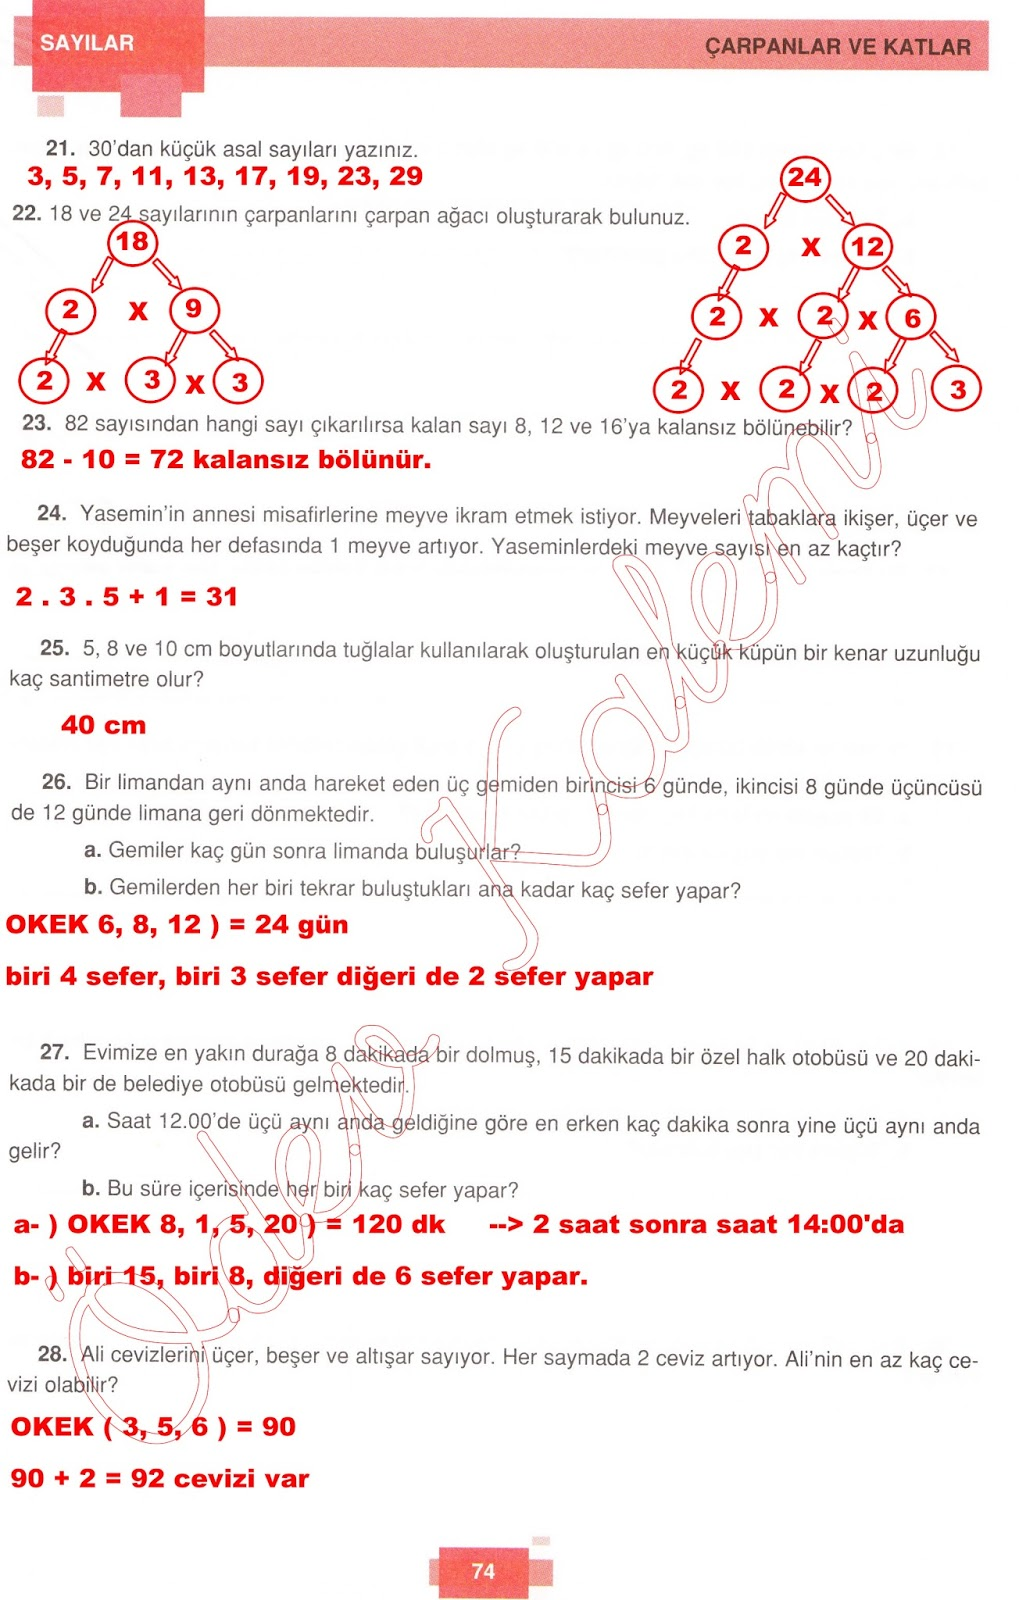 Sinif+Dortel+Yayincilik+Ogrenci+Calisma+Kitabi+Cevaplari+Sayfa+-+74